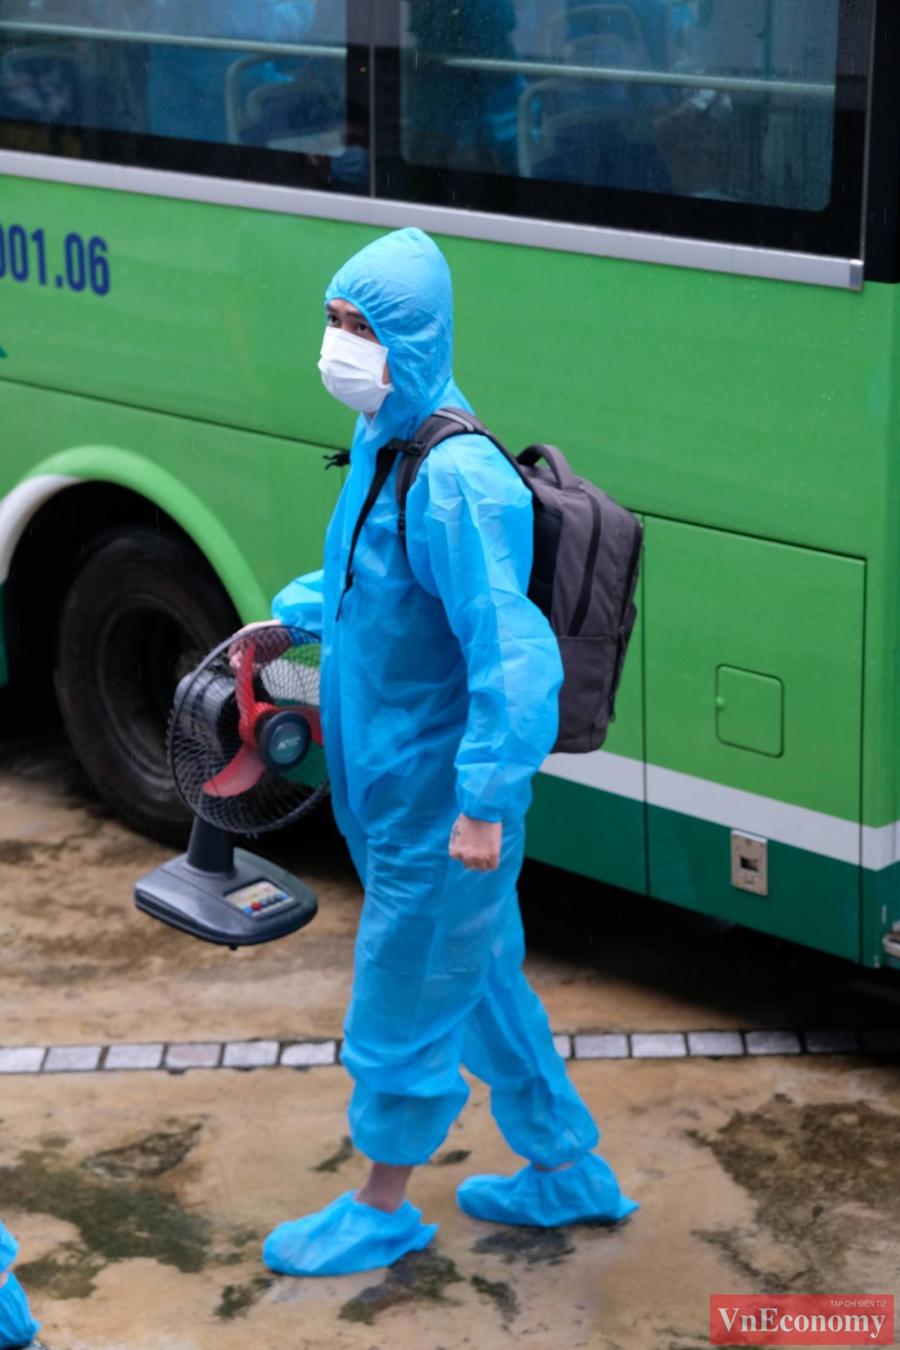 Để đảm bảo an toàn khi di chuyển người dân trở về vẫn mặc quần áo bảo hộ.